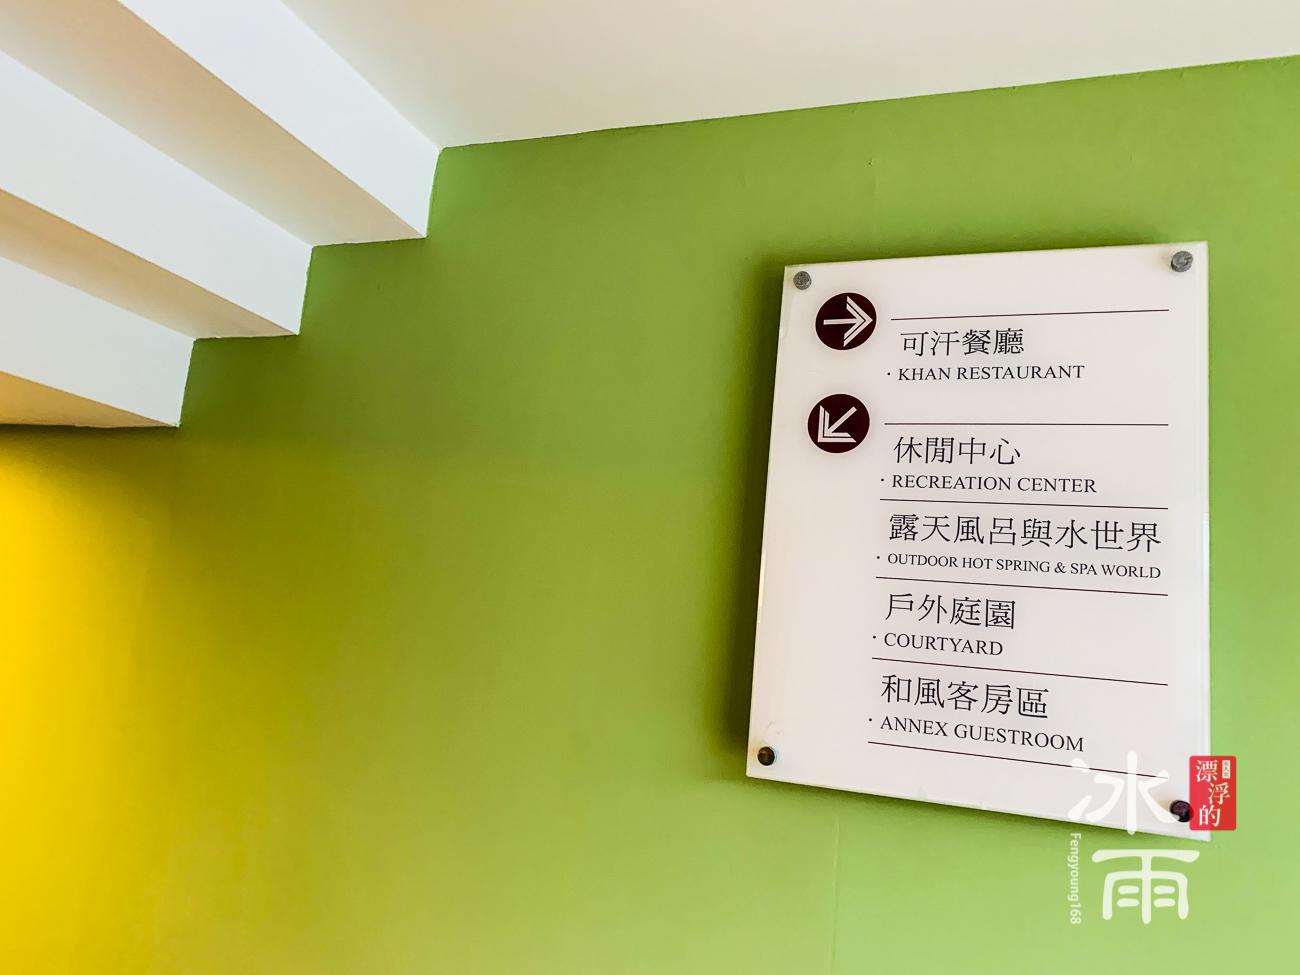 陽明山天籟渡假酒店|方向指引